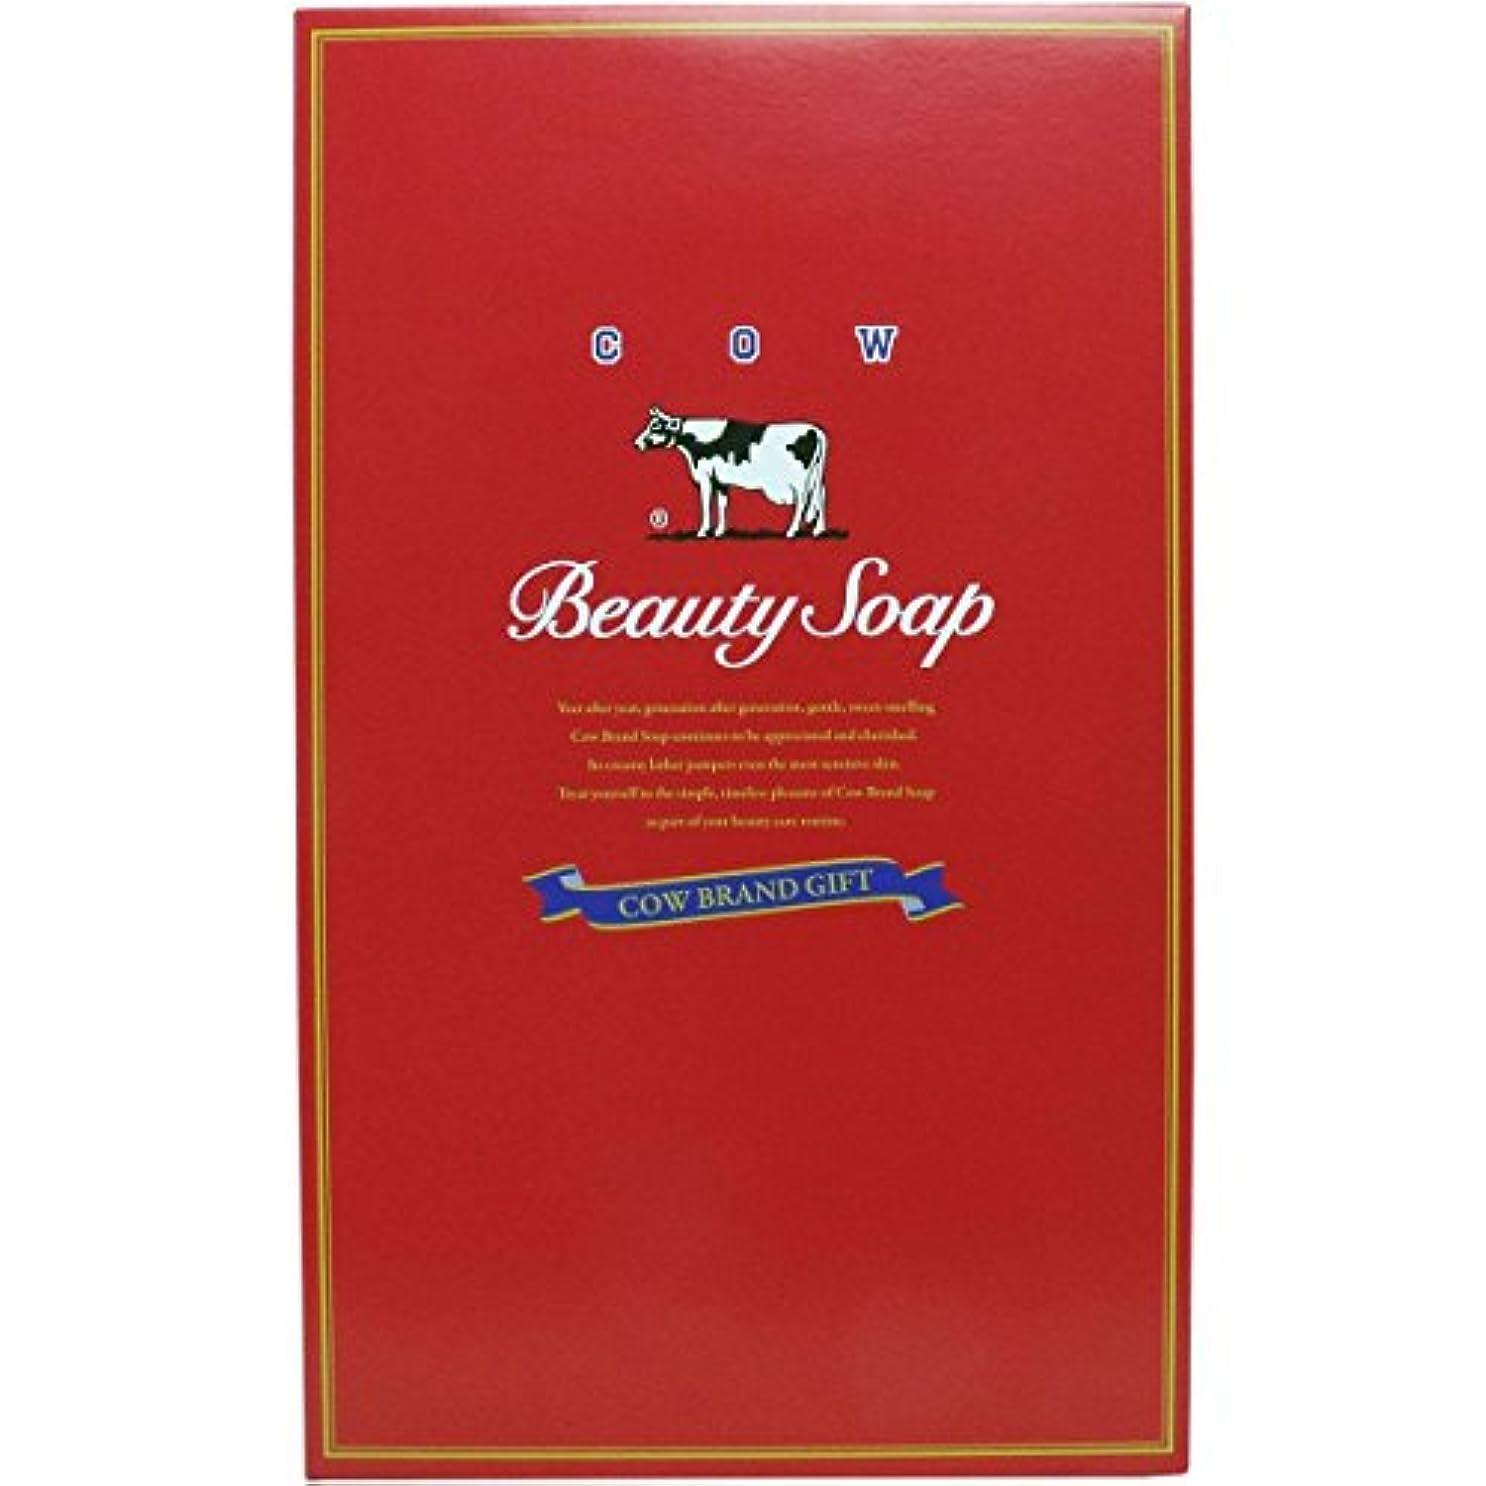 キルトおそらくパック牛乳石鹸共進社 カウブランド石鹸 赤箱 100g×10個×16箱